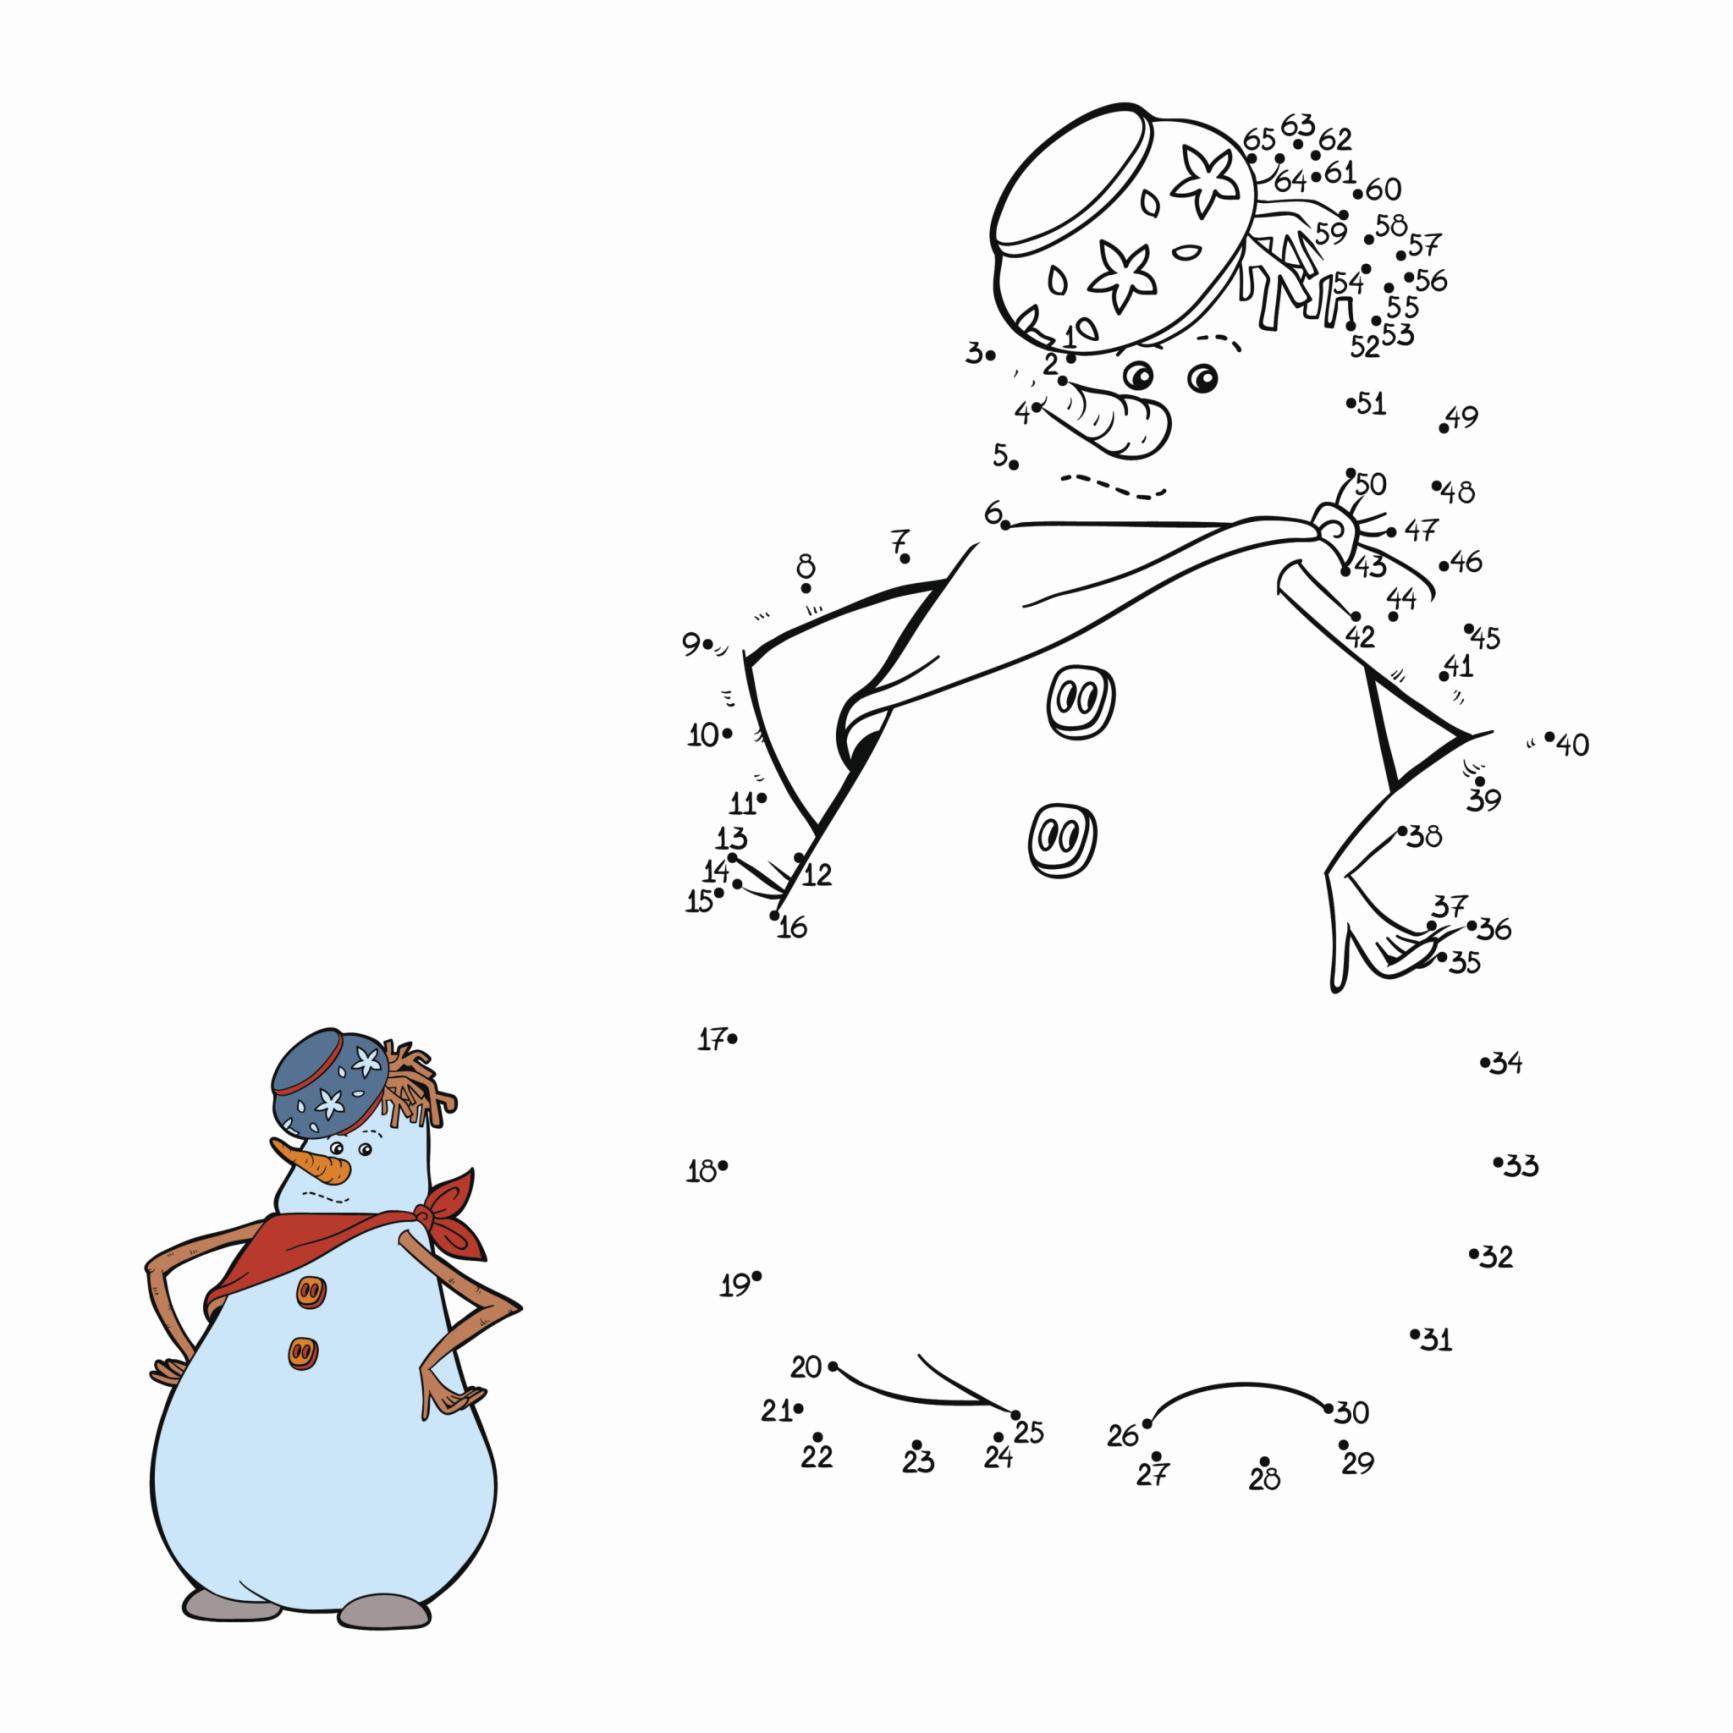 Point À Relier : Nos Modèles De Noël À Imprimer ! - Famili.fr dedans Jeux Point À Relier